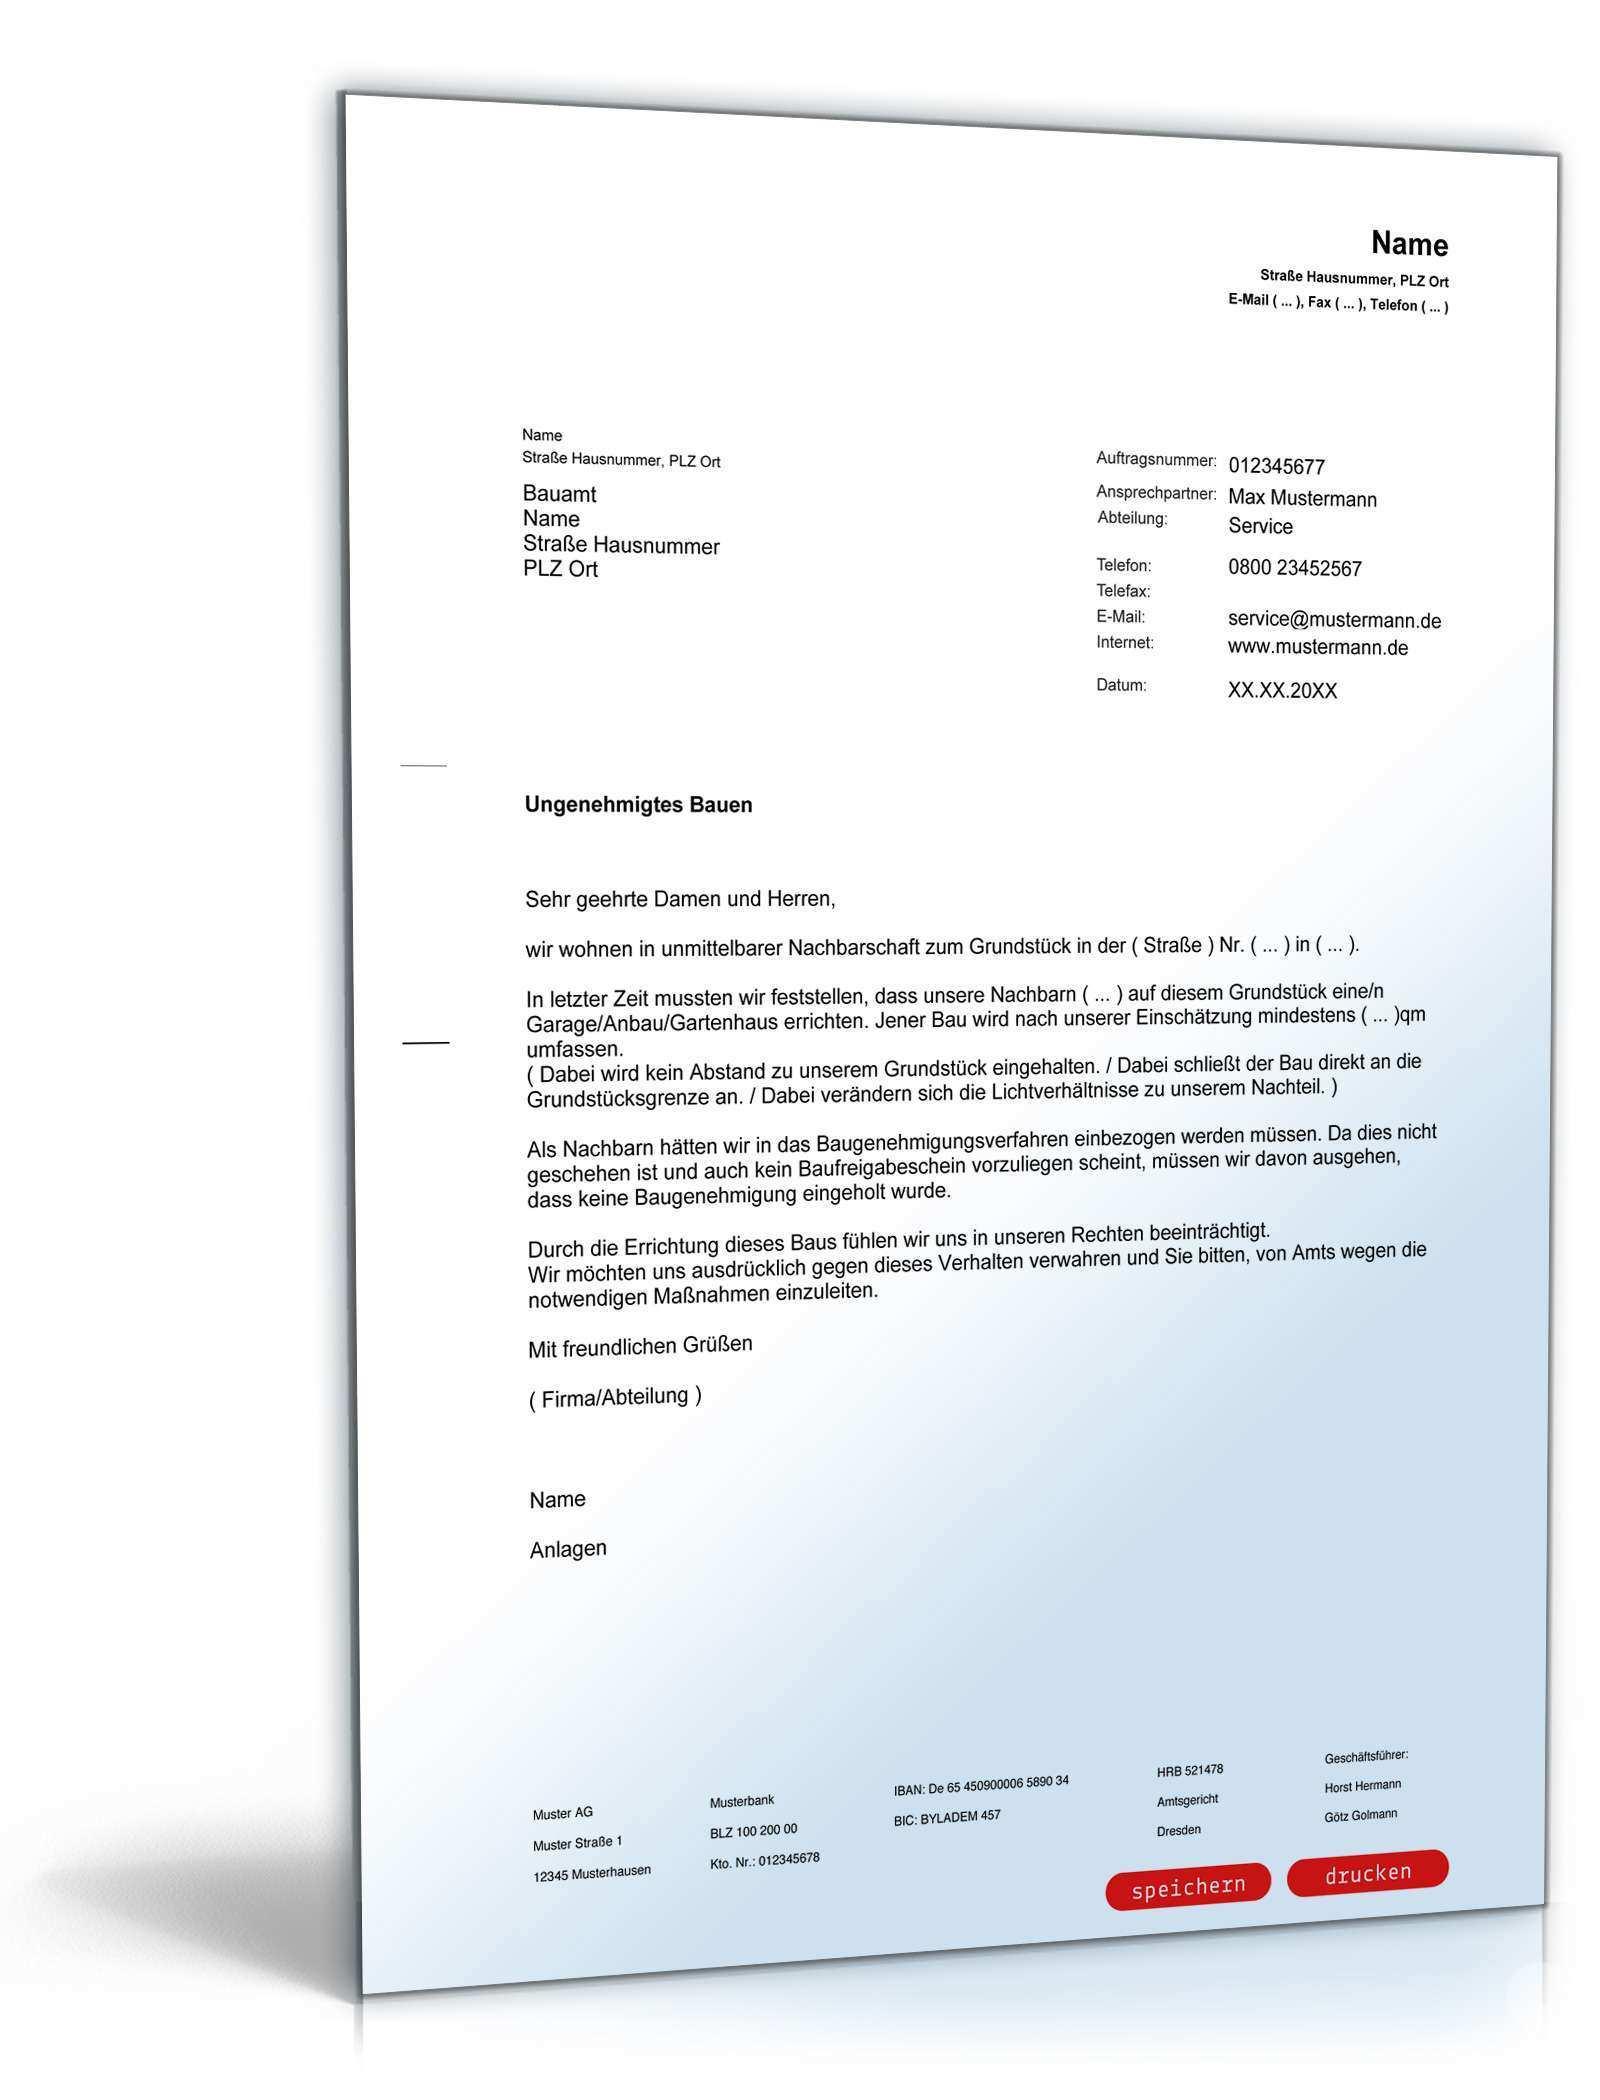 Musterbrief Paket Beschwerden Muster Vorlagen Zum Download